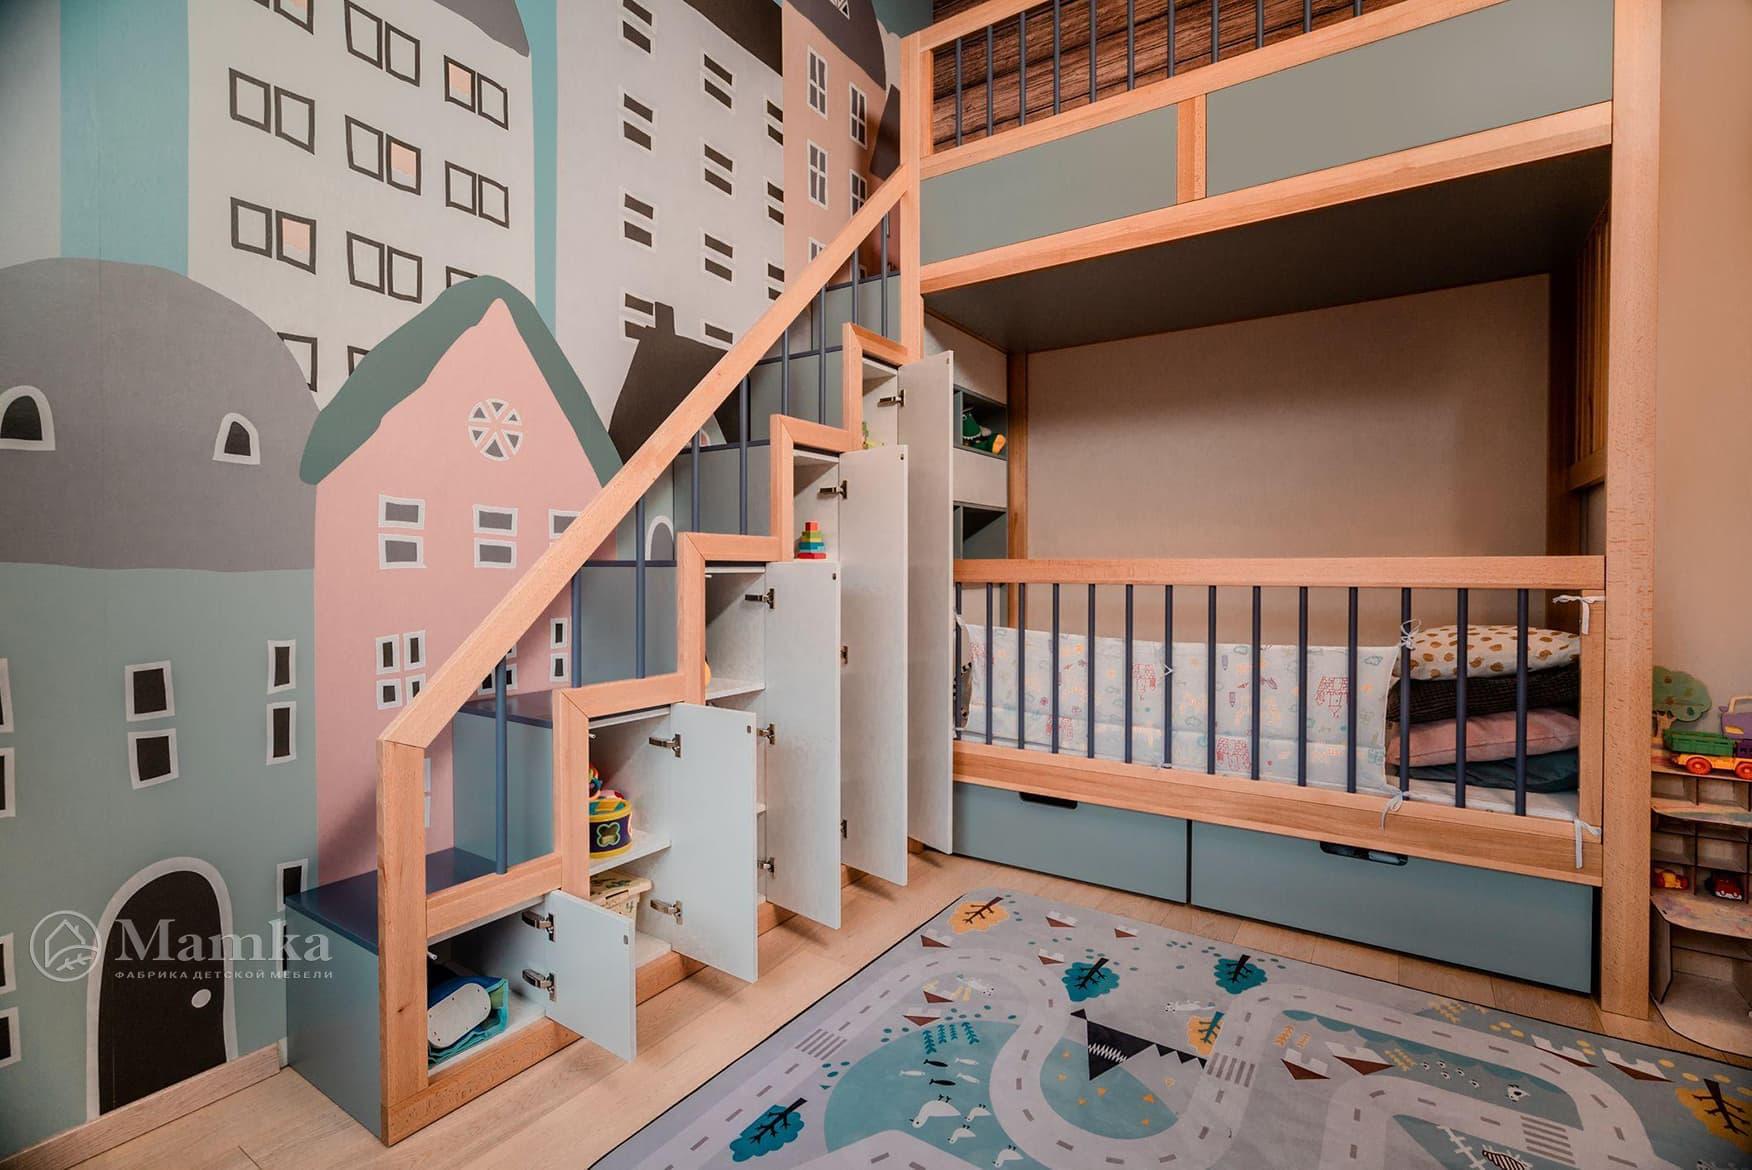 Детская комната в загородном доме на мансардном этаже фото 2